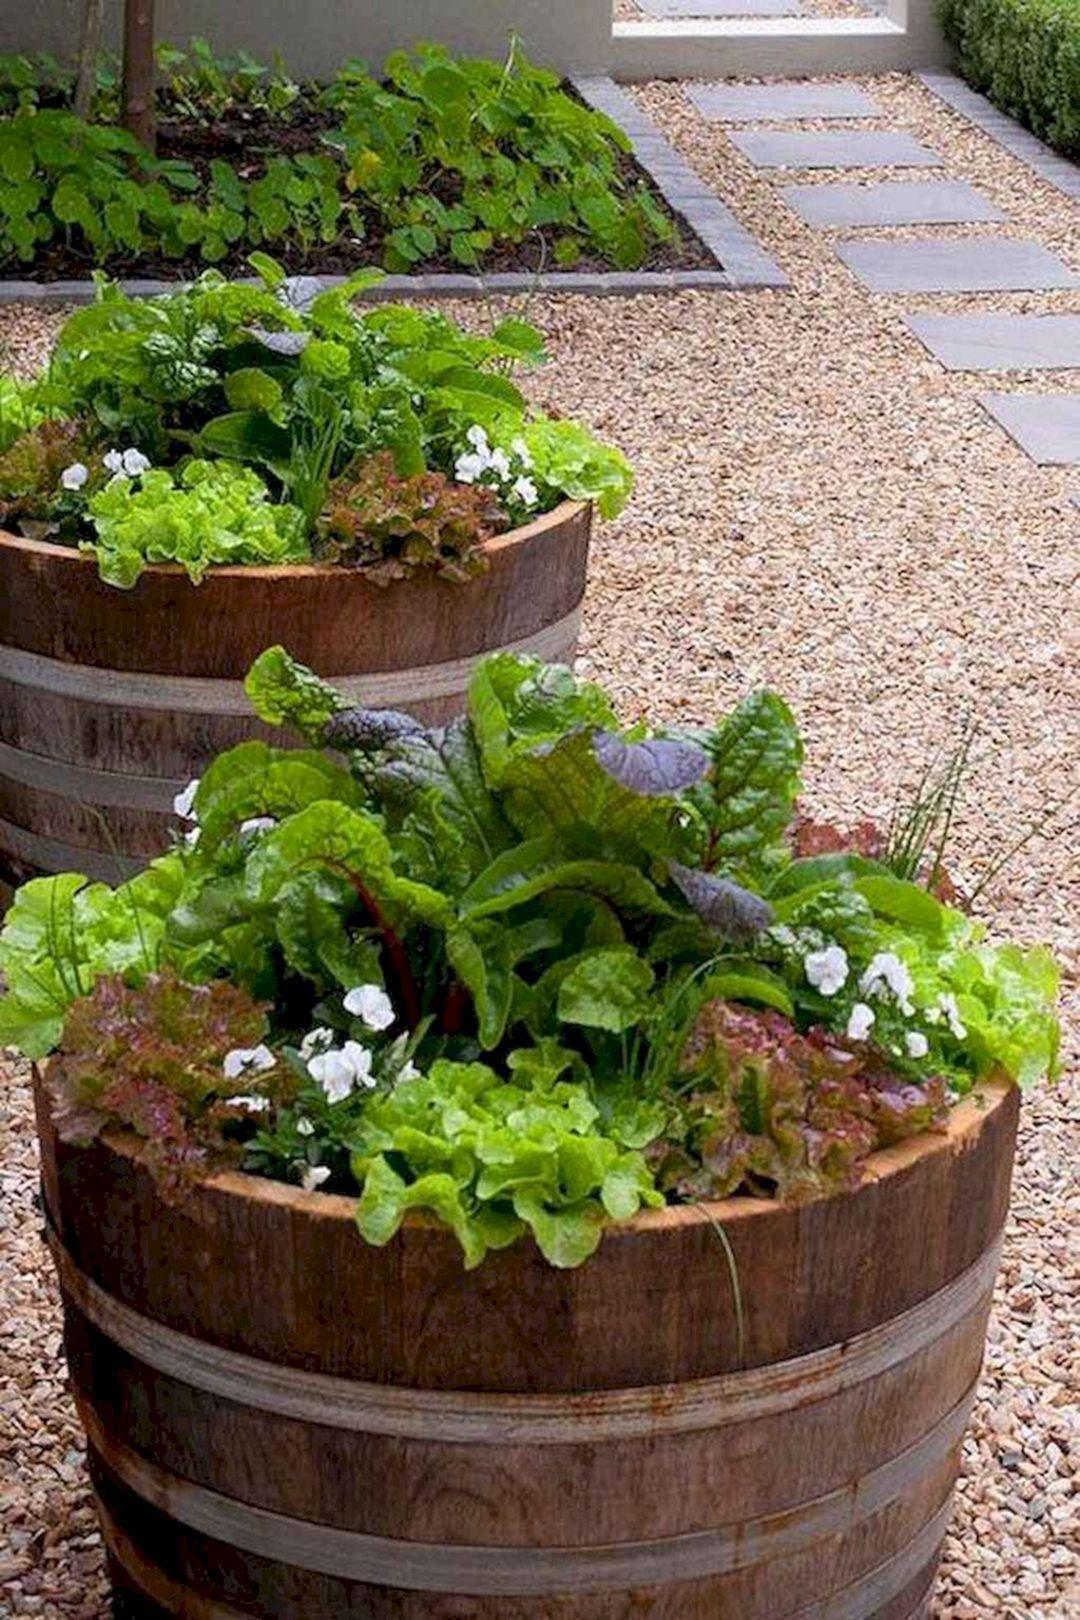 Krauterspirale Bauen Sie Unsere Schritt Fur Schritt Anleitung Spiral Garden Herb Garden Design Herb Spiral